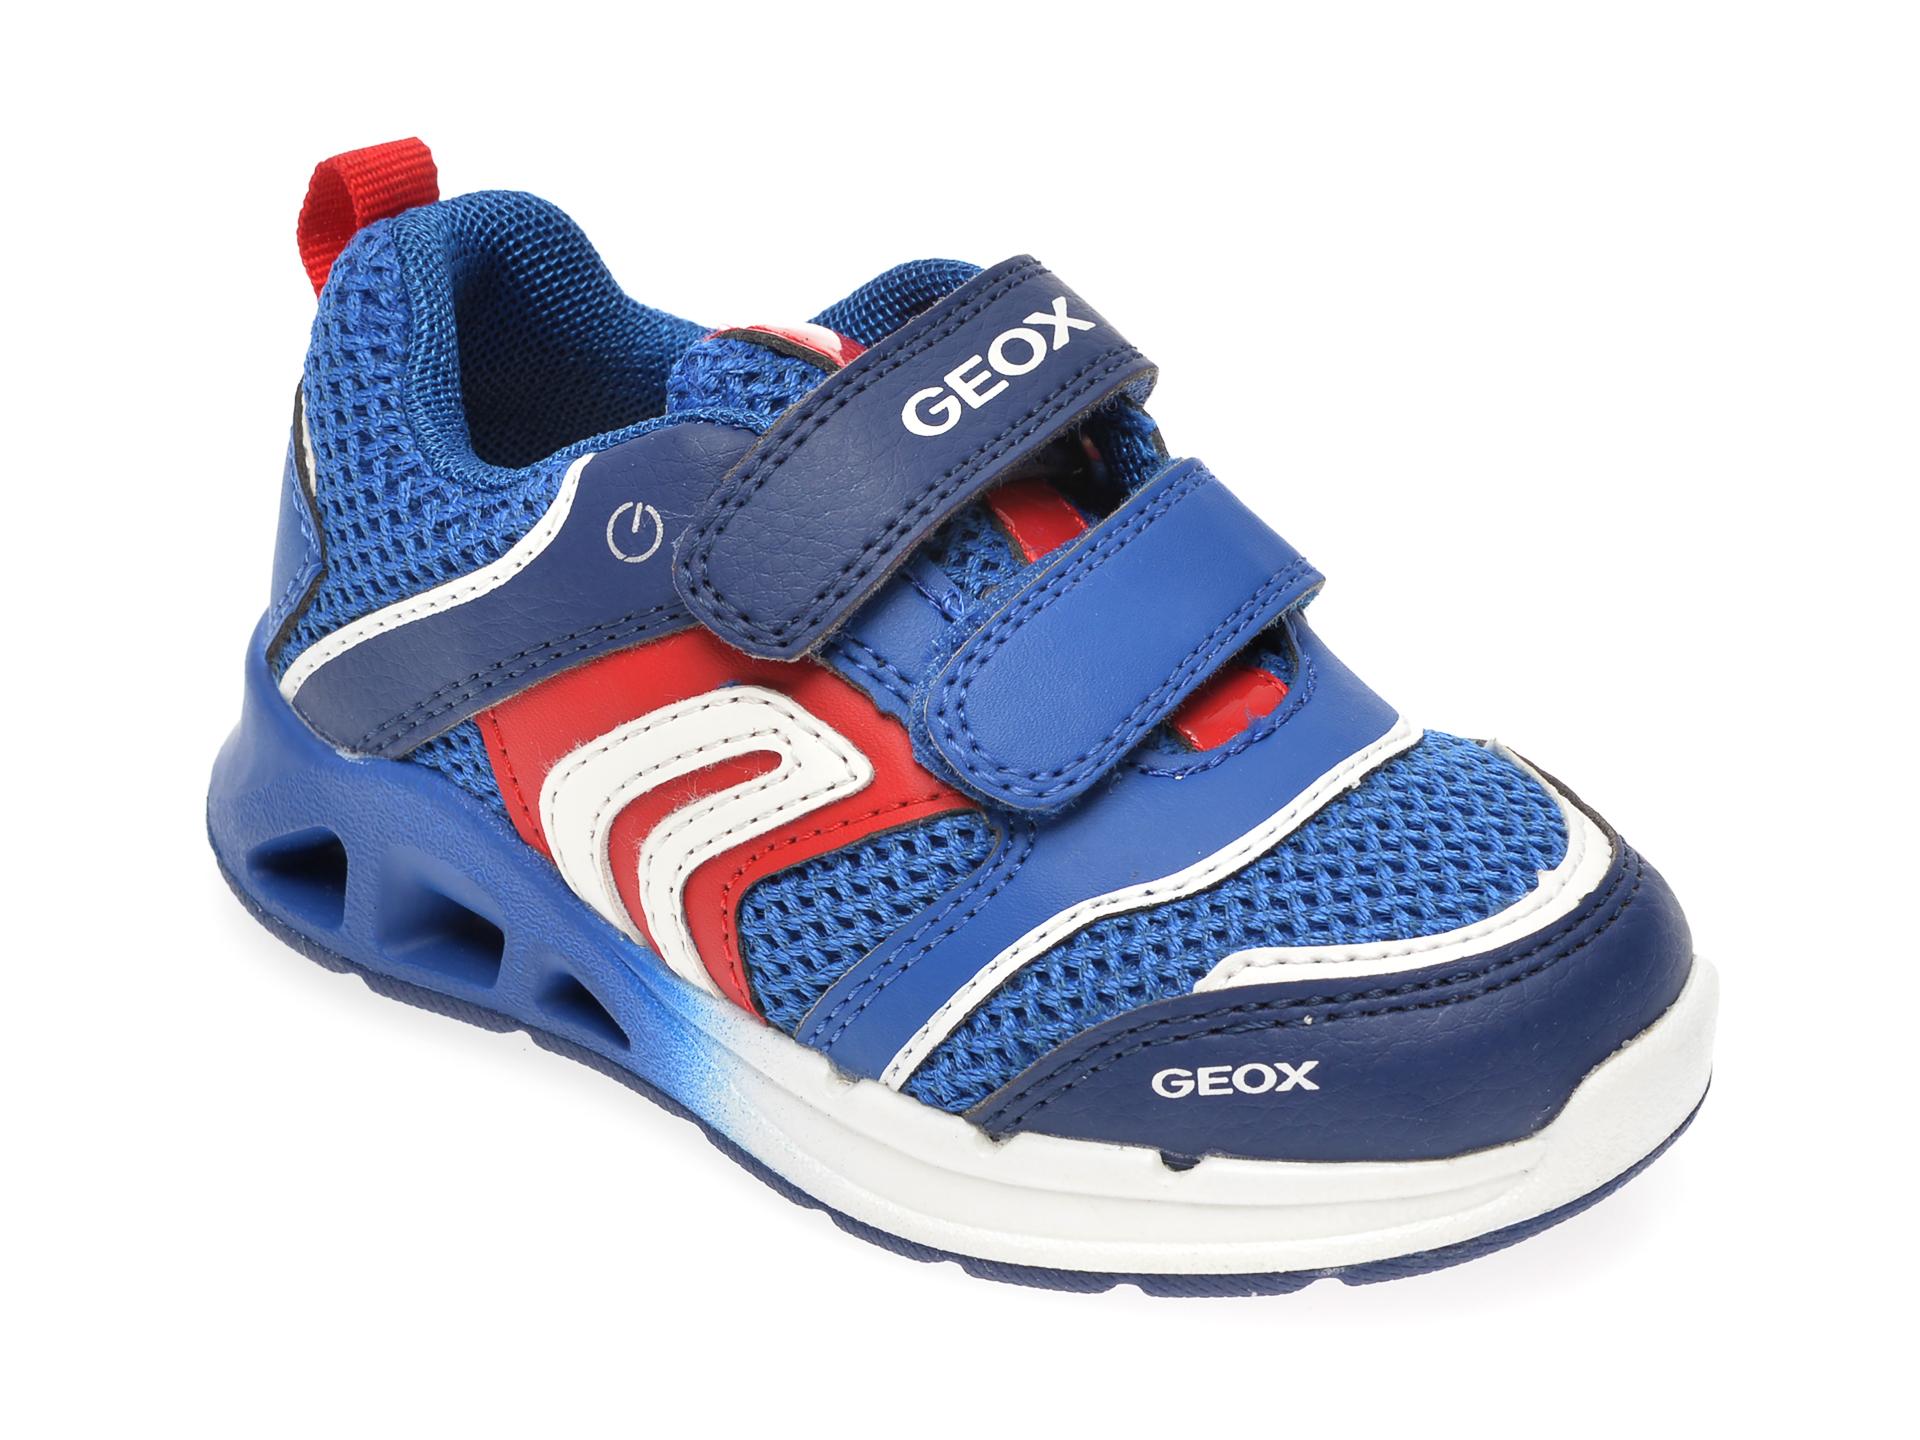 Pantofi sport GEOX albastri, B022PA, din piele ecologica New